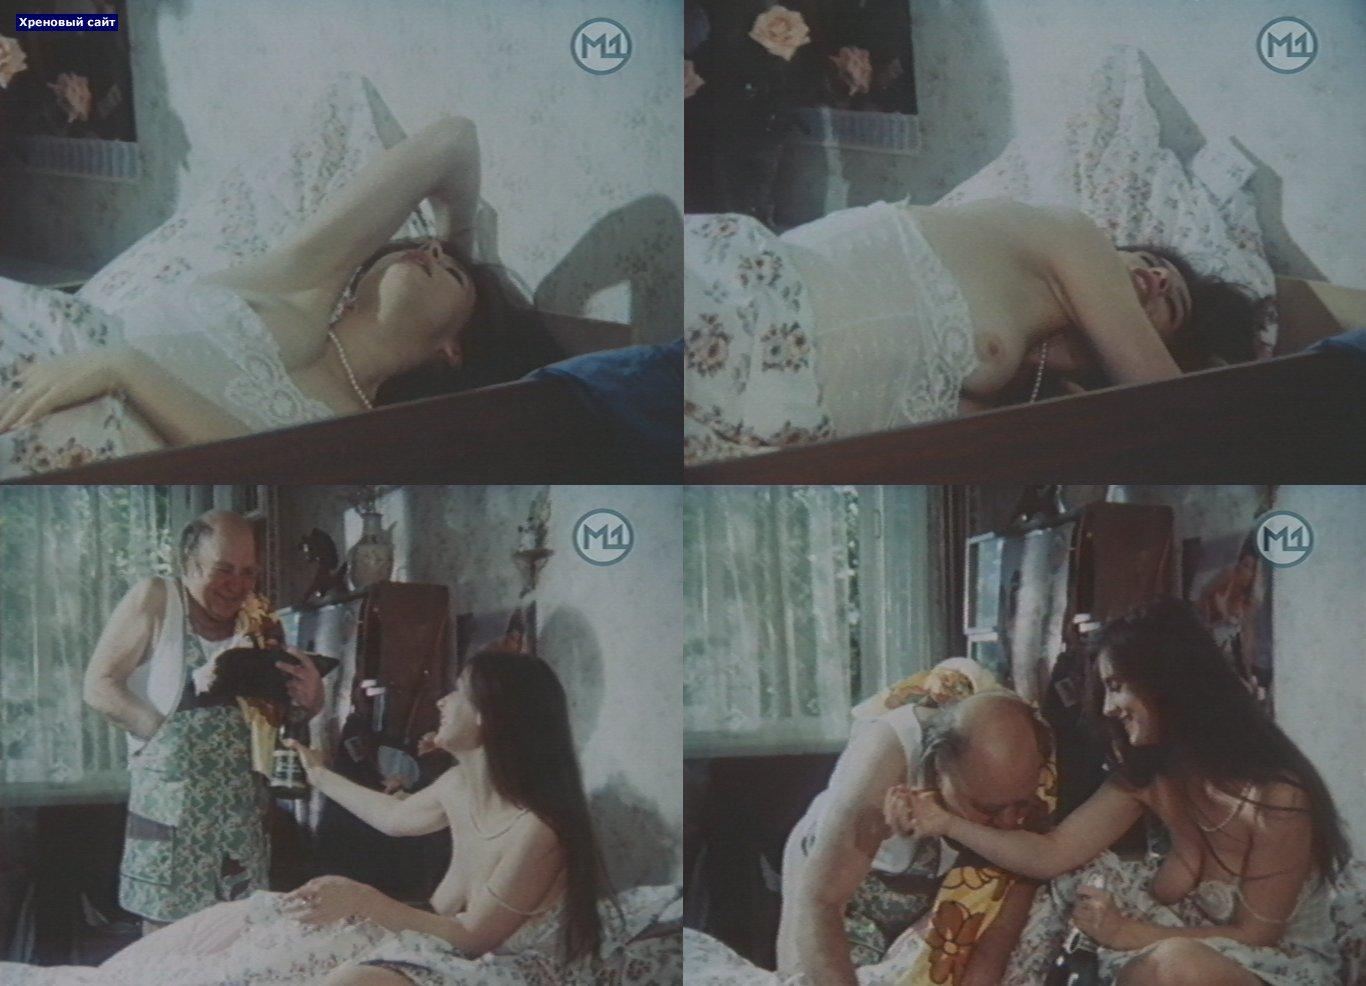 Смотреть эротические фото екатерины гусевой, Порно фото альбом голая Екатерина Гусева, секс фото 24 фотография